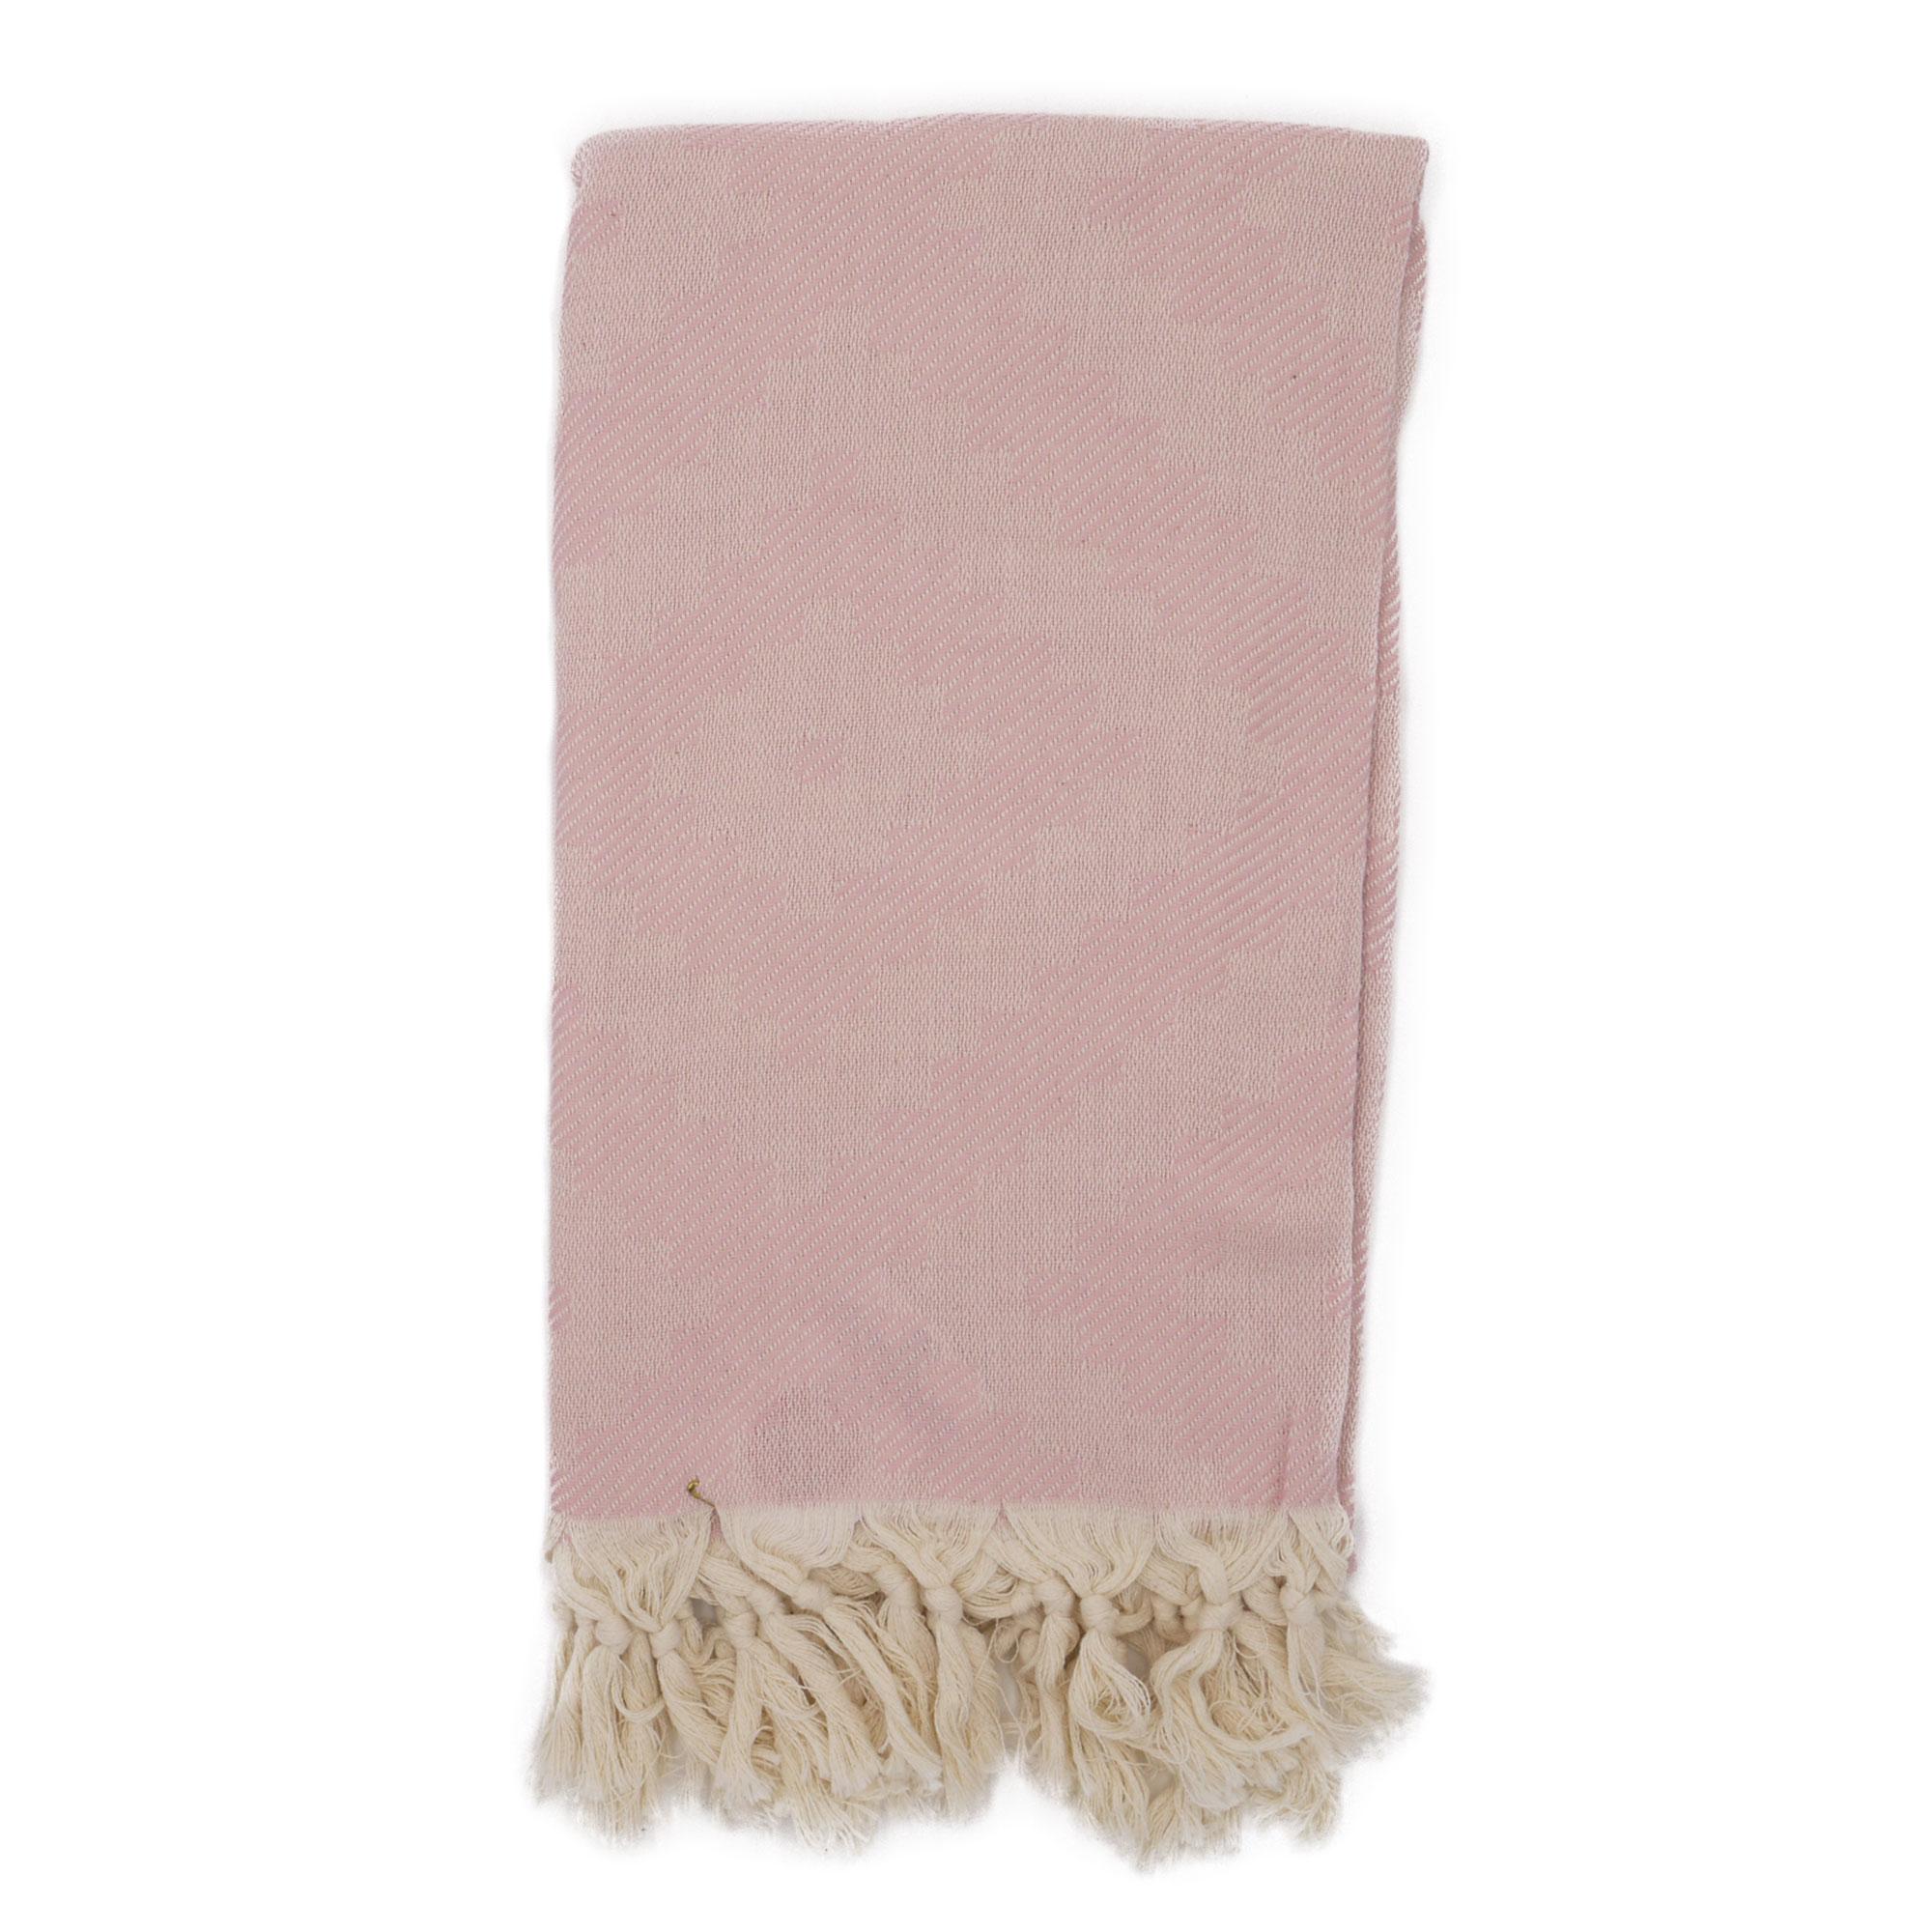 Fouta losanges 100% coton avec franges rose 100x170cm